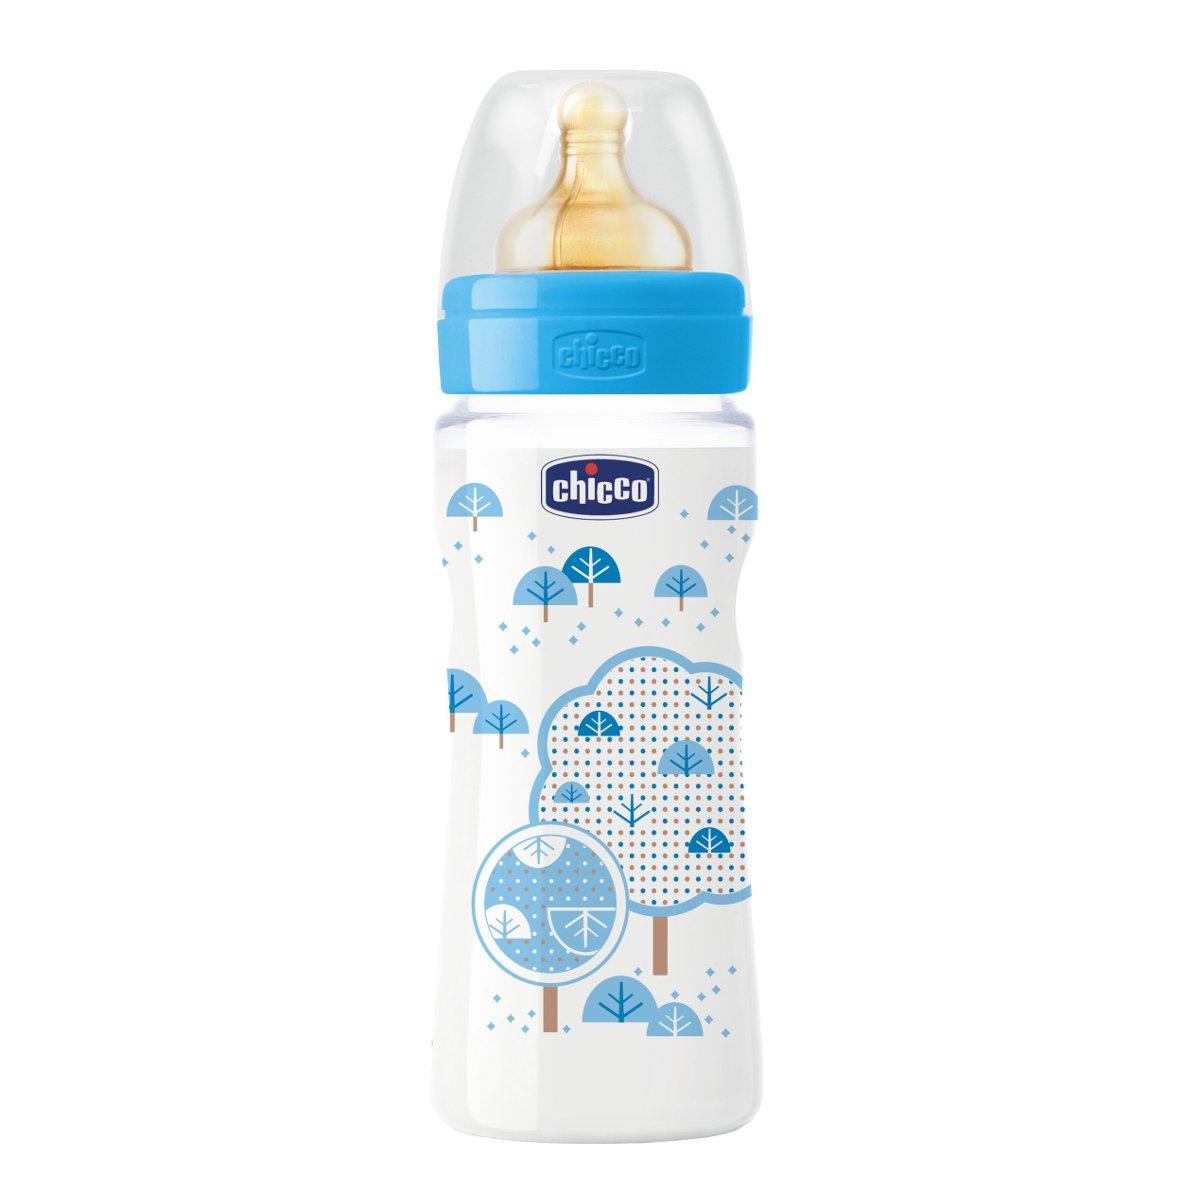 de flujo papilla Biberon con tetina de caucho 330 ml 0/% BPA Chicco 00070734200040 color azul